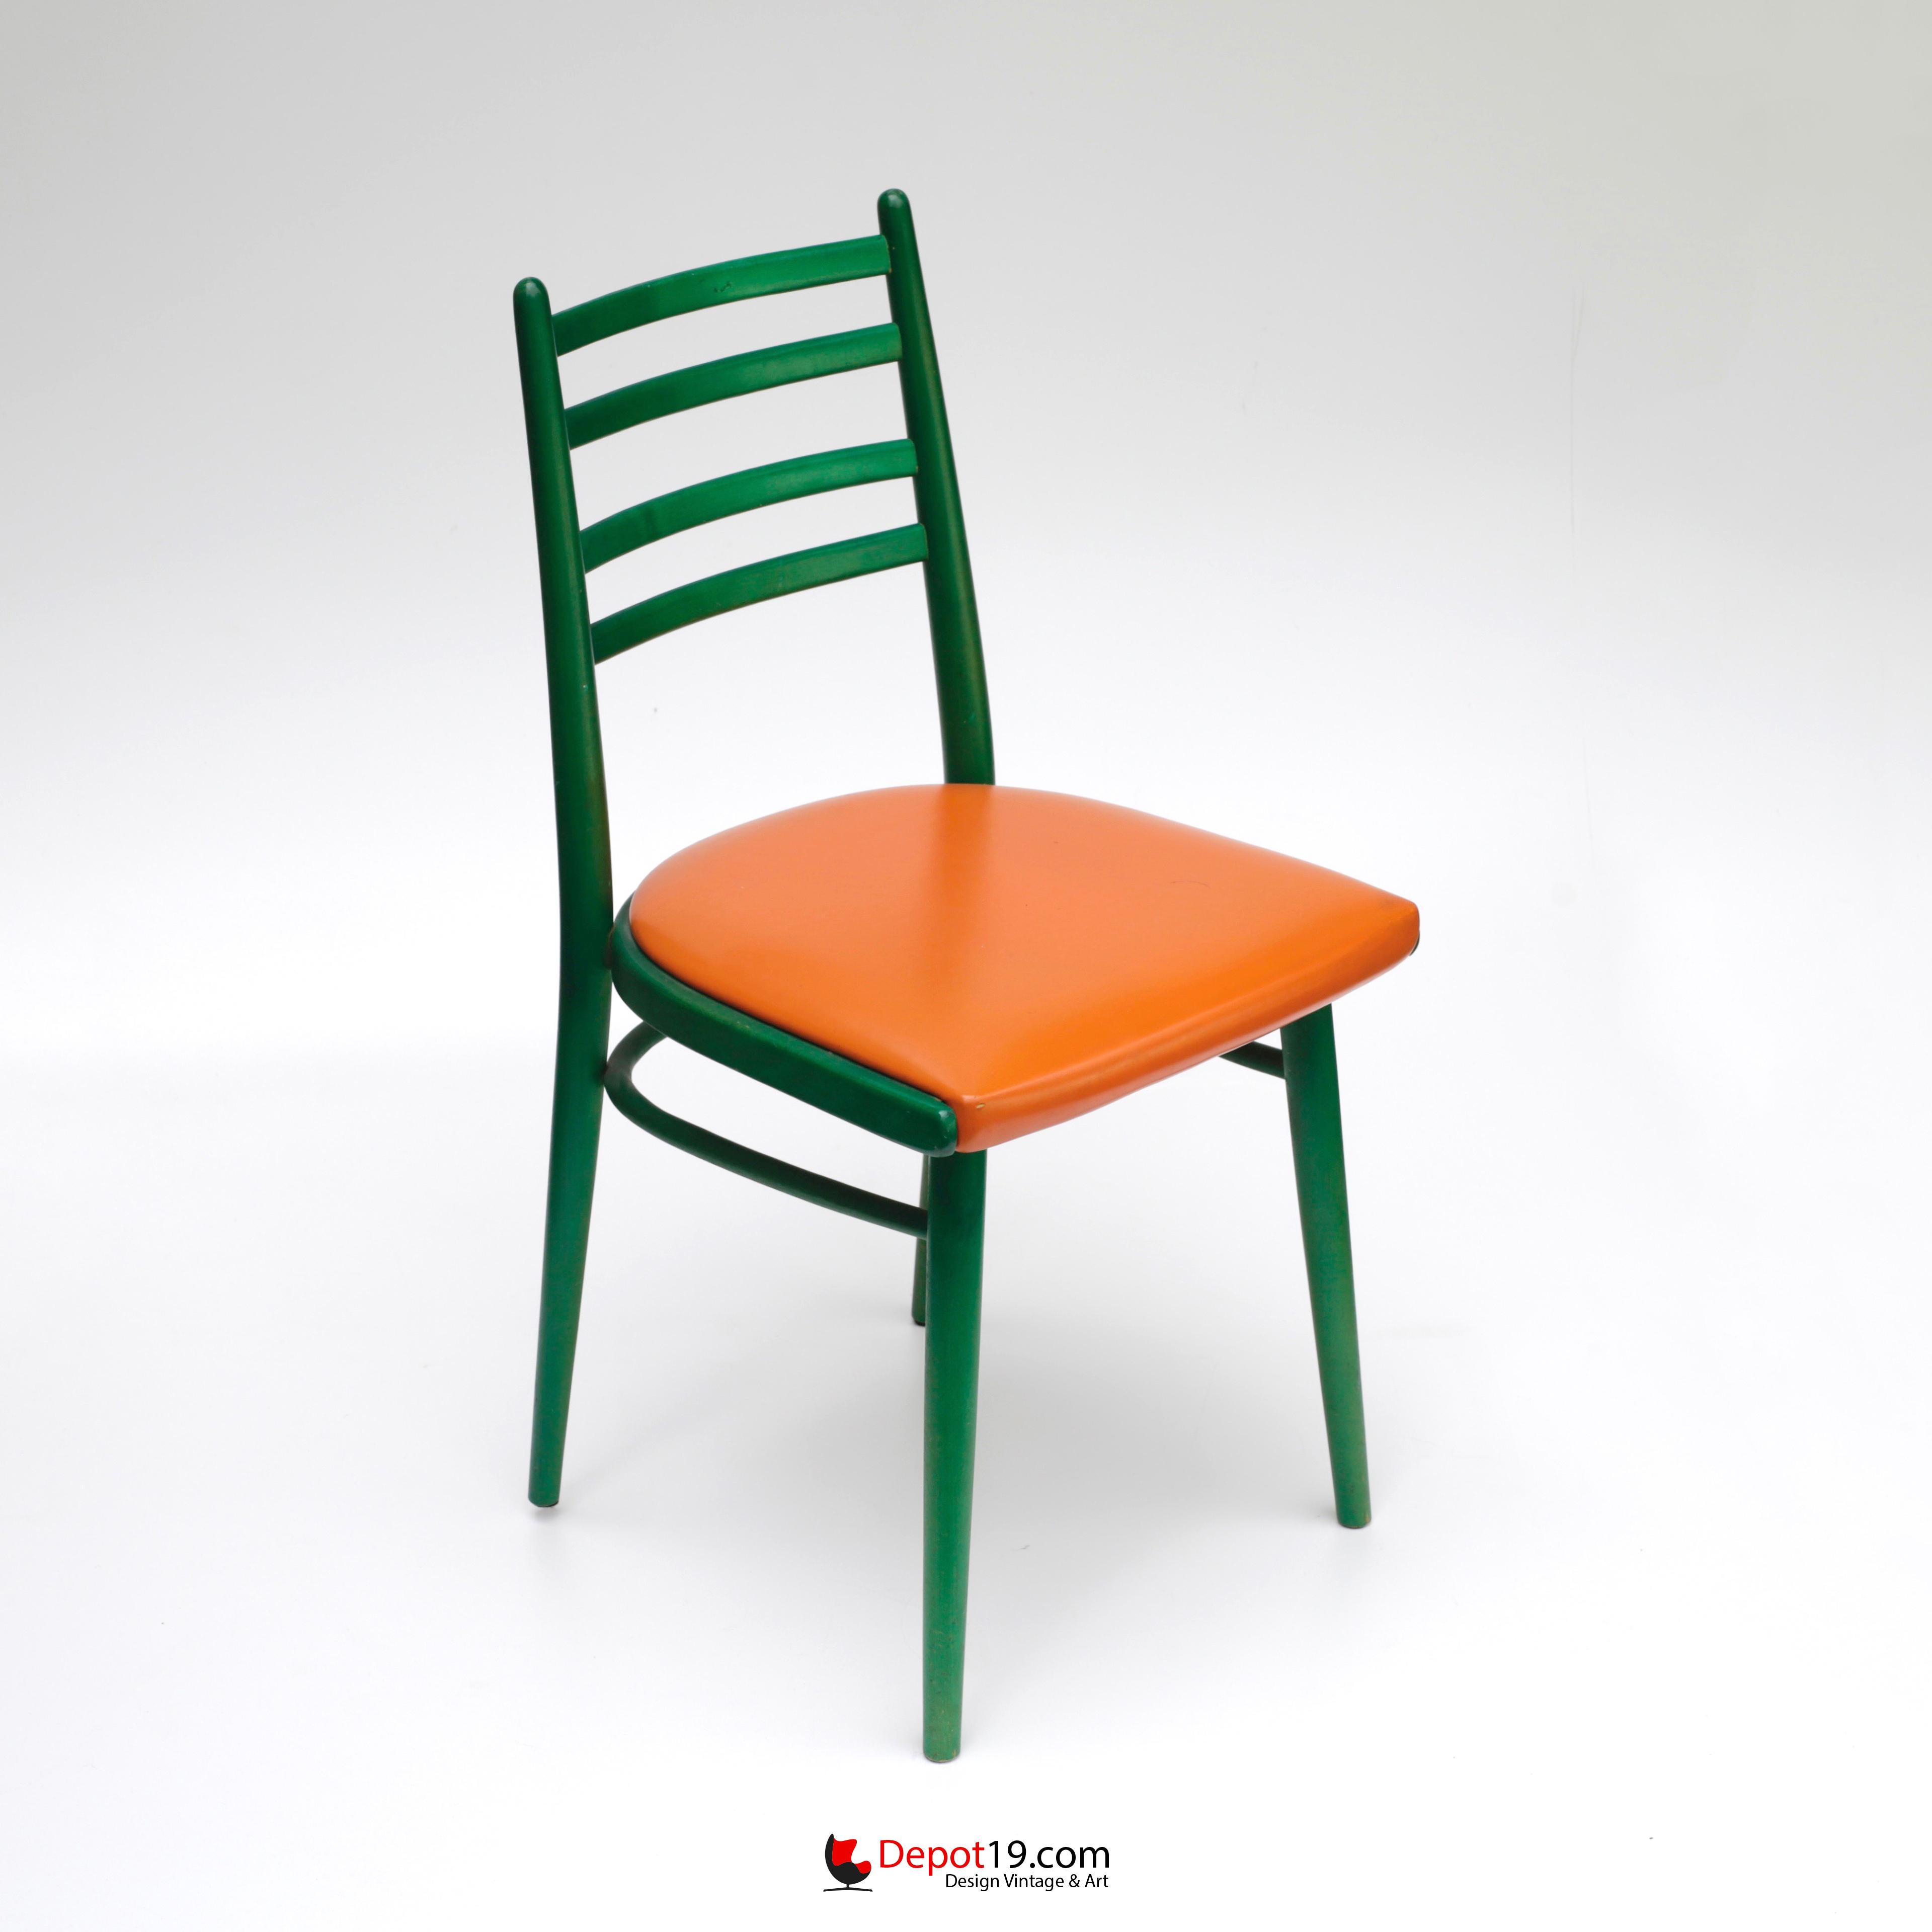 50s thonet spijlen stoel groen antonin suman stijl depot 19 - Stoel nieuwe kunst ...